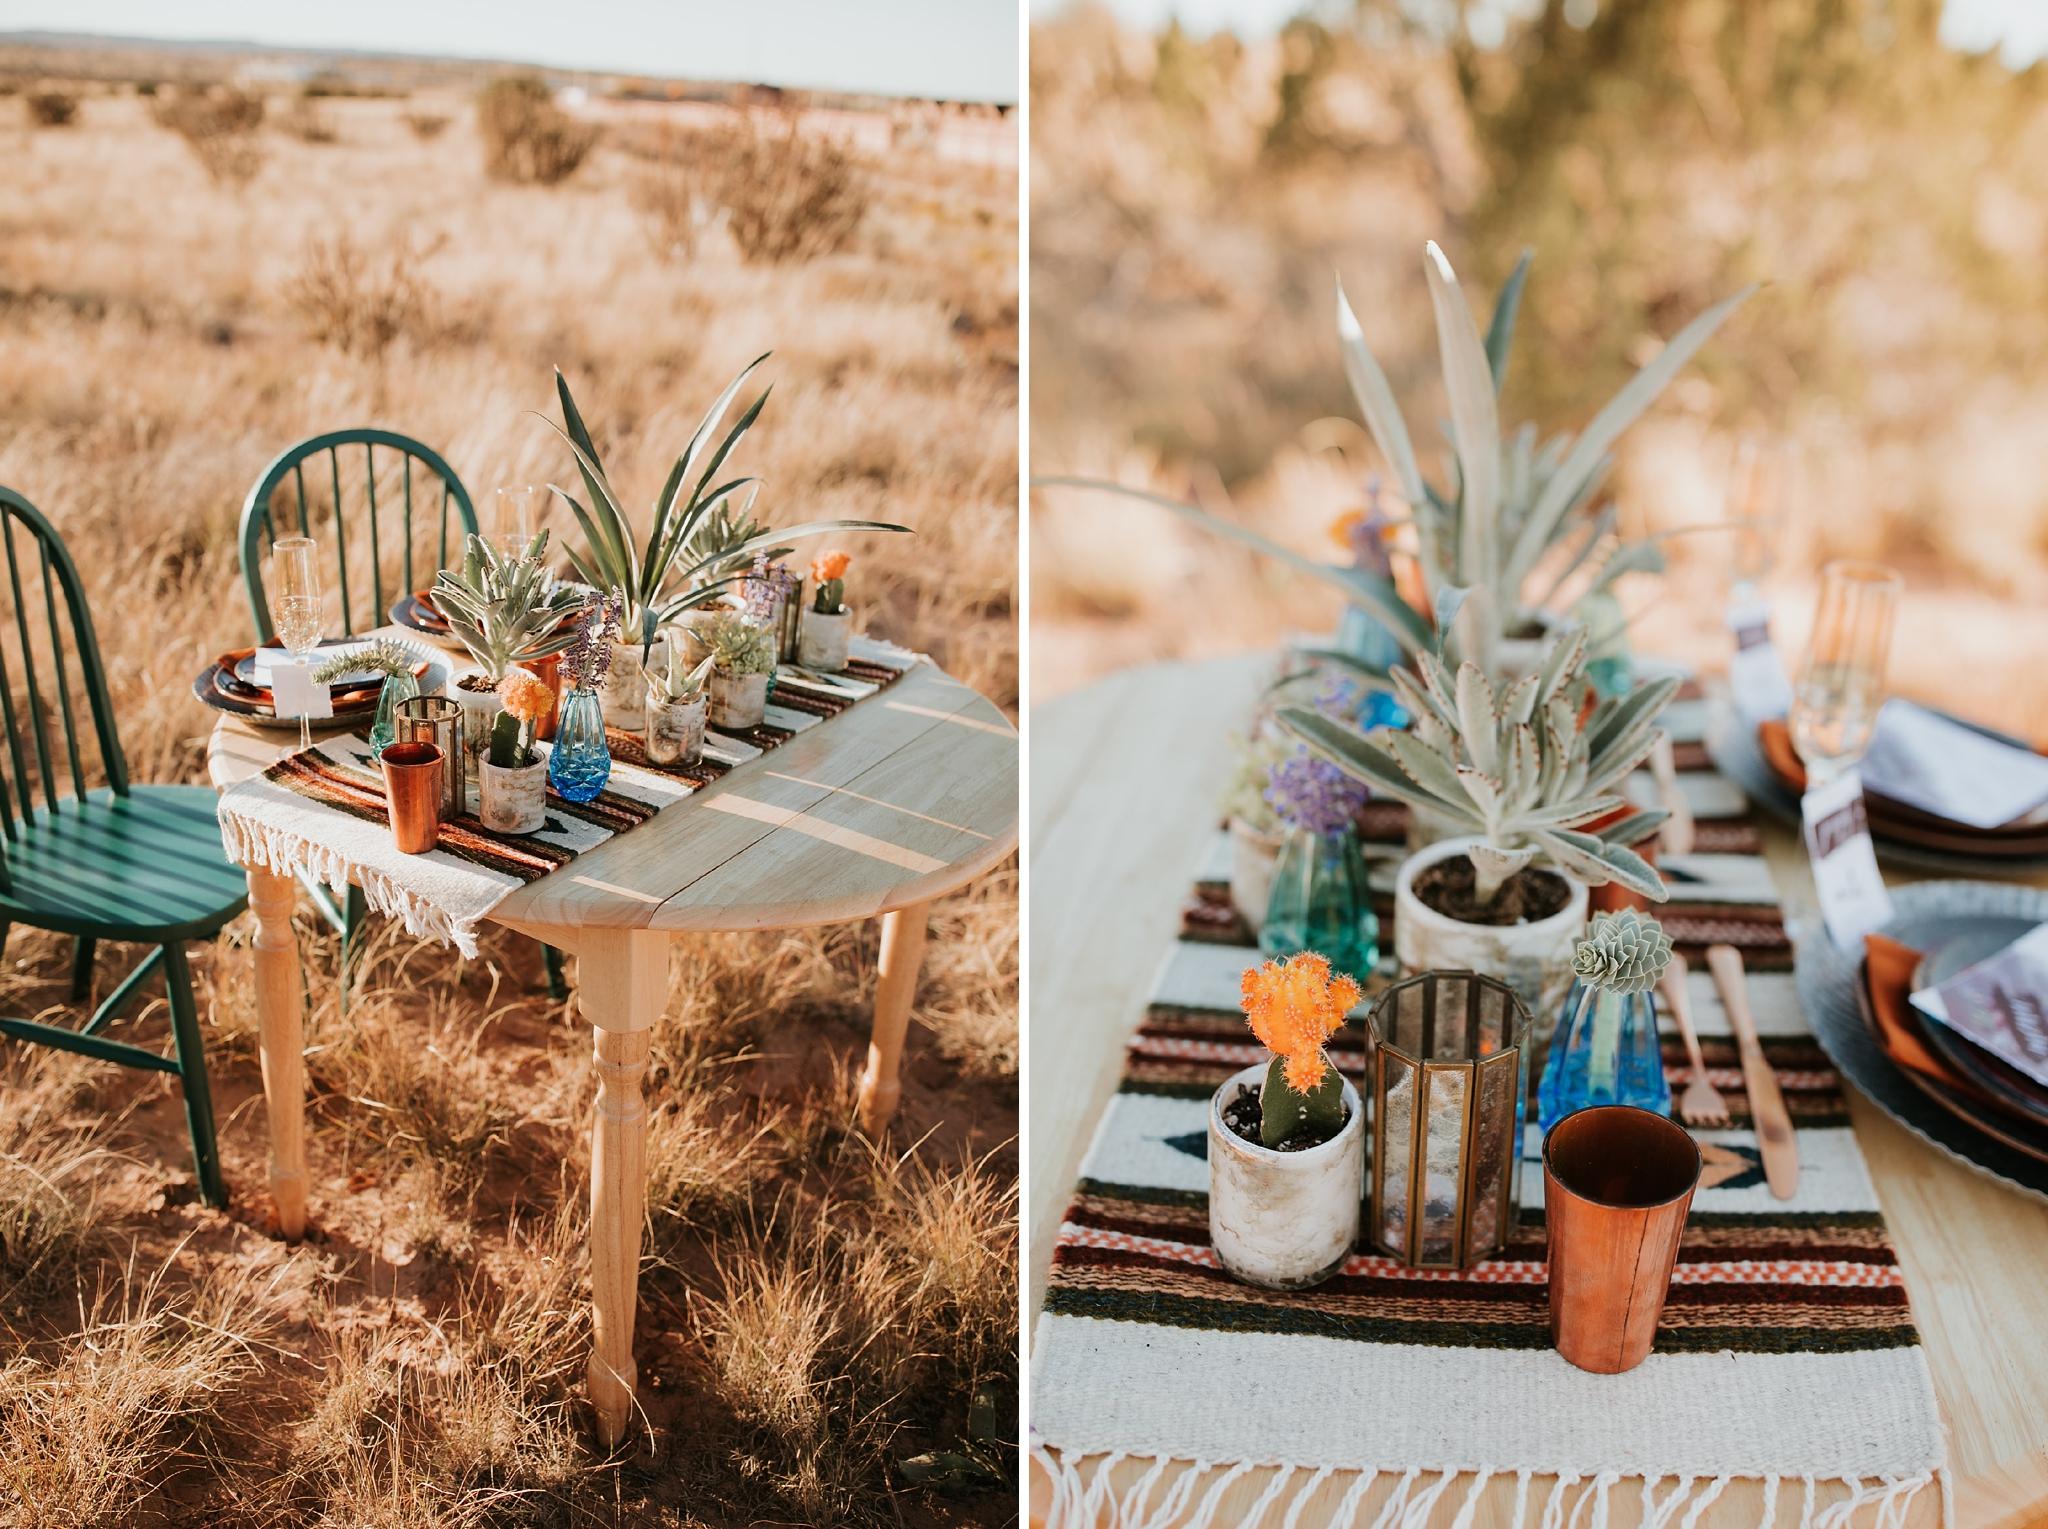 Alicia+lucia+photography+-+albuquerque+wedding+photographer+-+santa+fe+wedding+photography+-+new+mexico+wedding+photographer+-+new+mexico+wedding+-+new+mexico+wedding+-+wedding+florals+-+desert+wedding+-+wedding+trends_0061.jpg